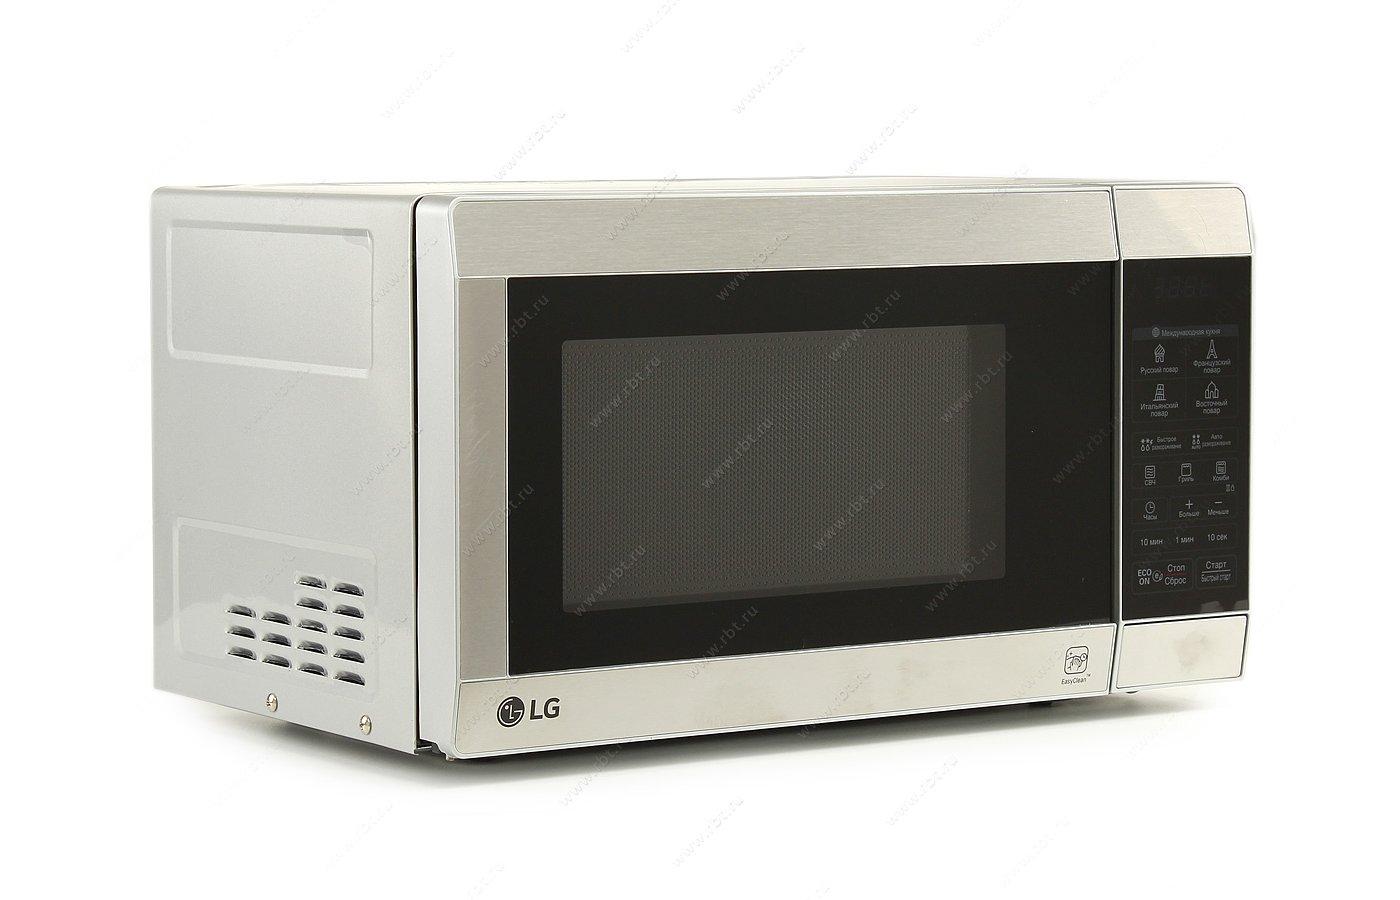 Микроволновая печь LG MB 4042U